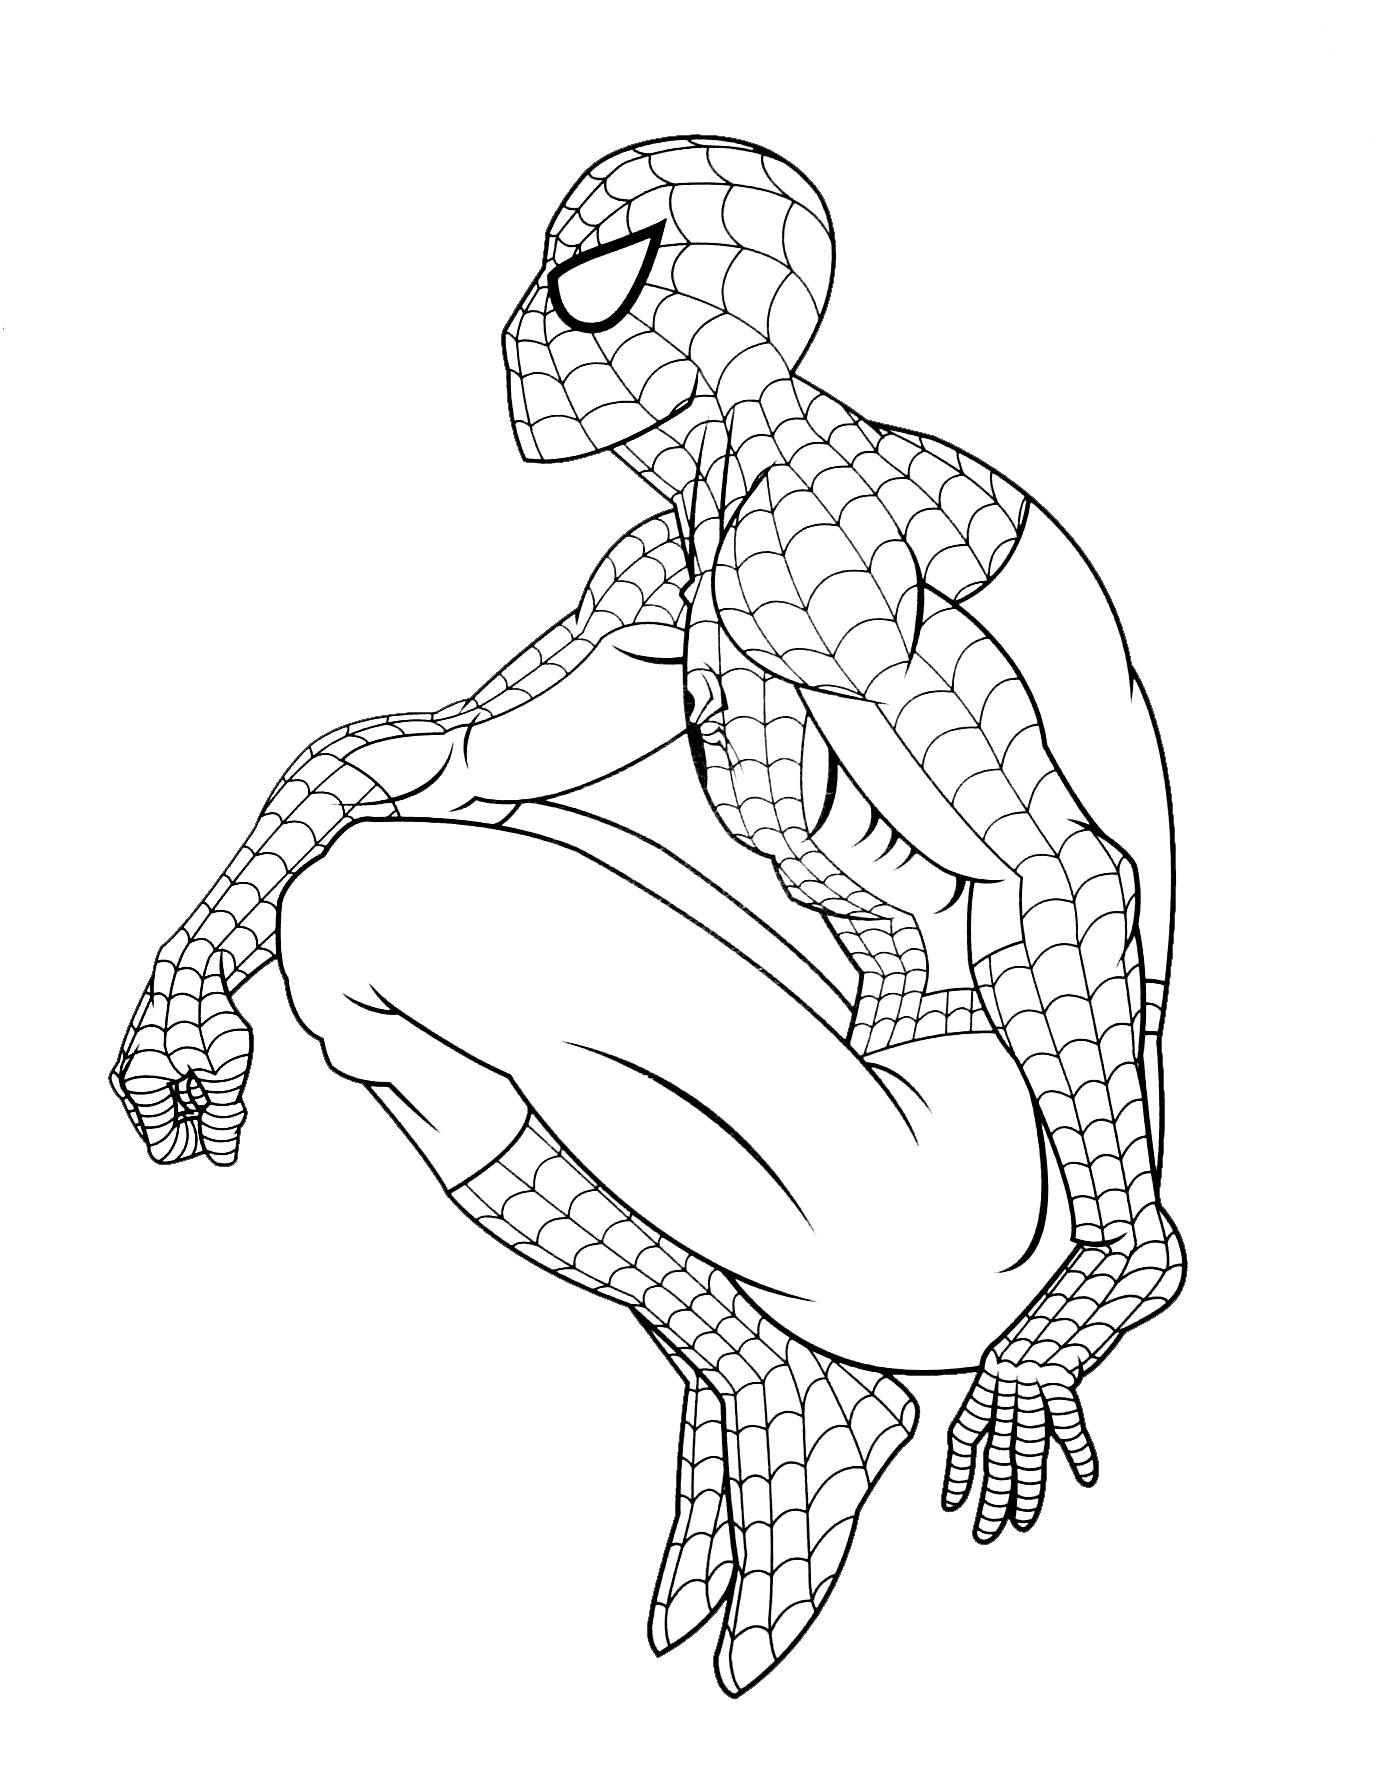 167 dibujos de Spiderman para colorear | Oh Kids | Page 15